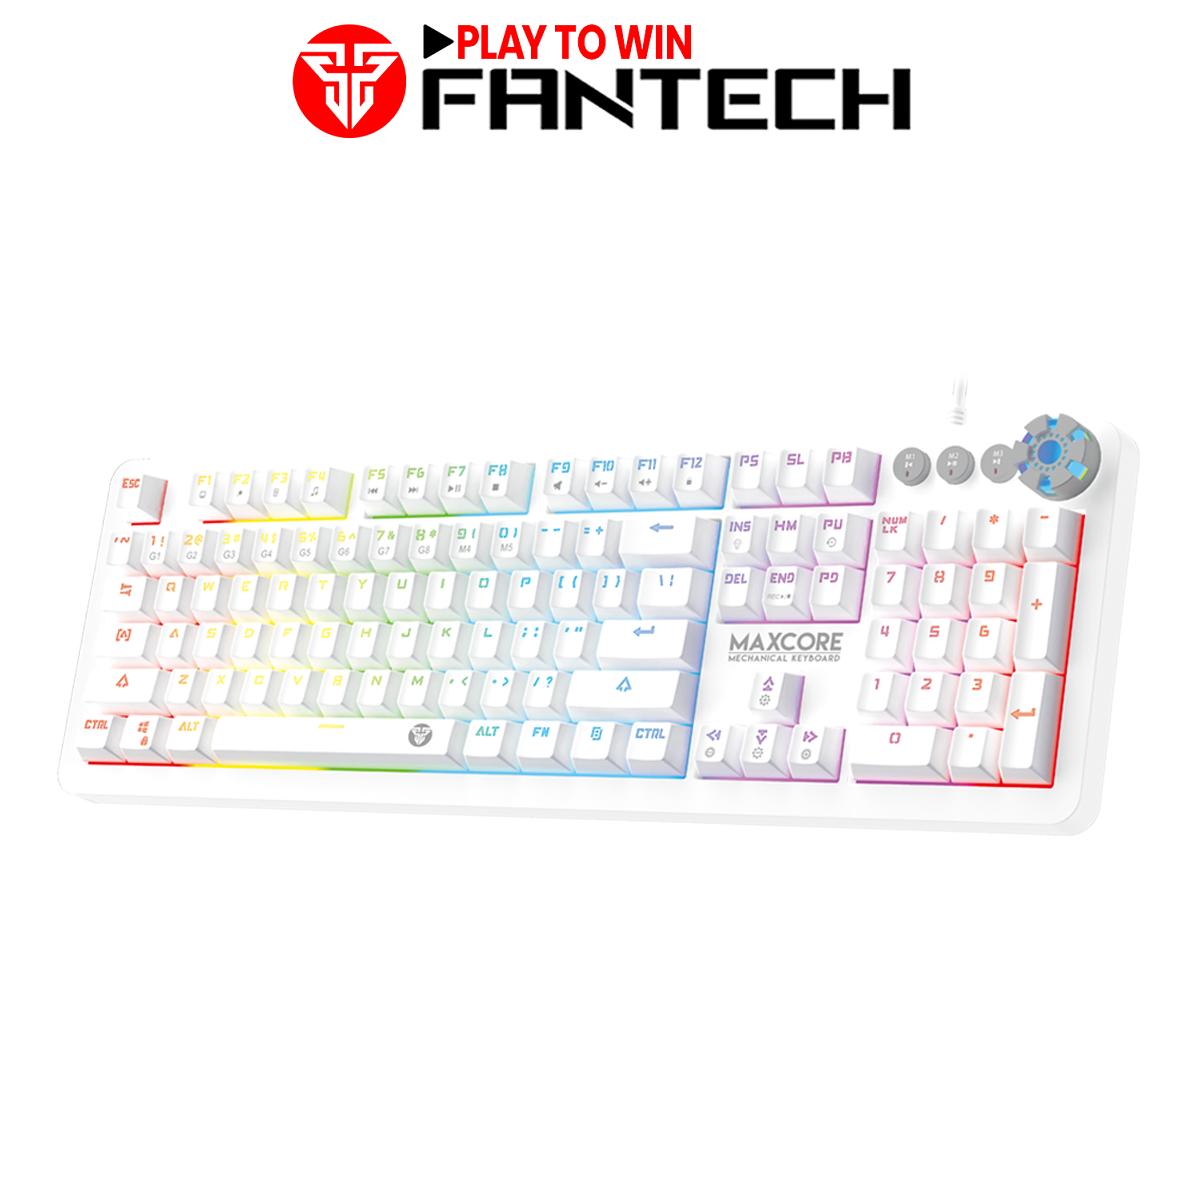 Bàn Phím Cơ Gaming Full-sized Có Dây Fantech MK852 MAXCORE Outemu Blue/Brown Switch LED RGB Gradient Full Anti Ghosting Có Phần Mềm Tùy Chỉnh Riêng Màu Đen/Trắng – Hãng Phân Phối Chính Thức